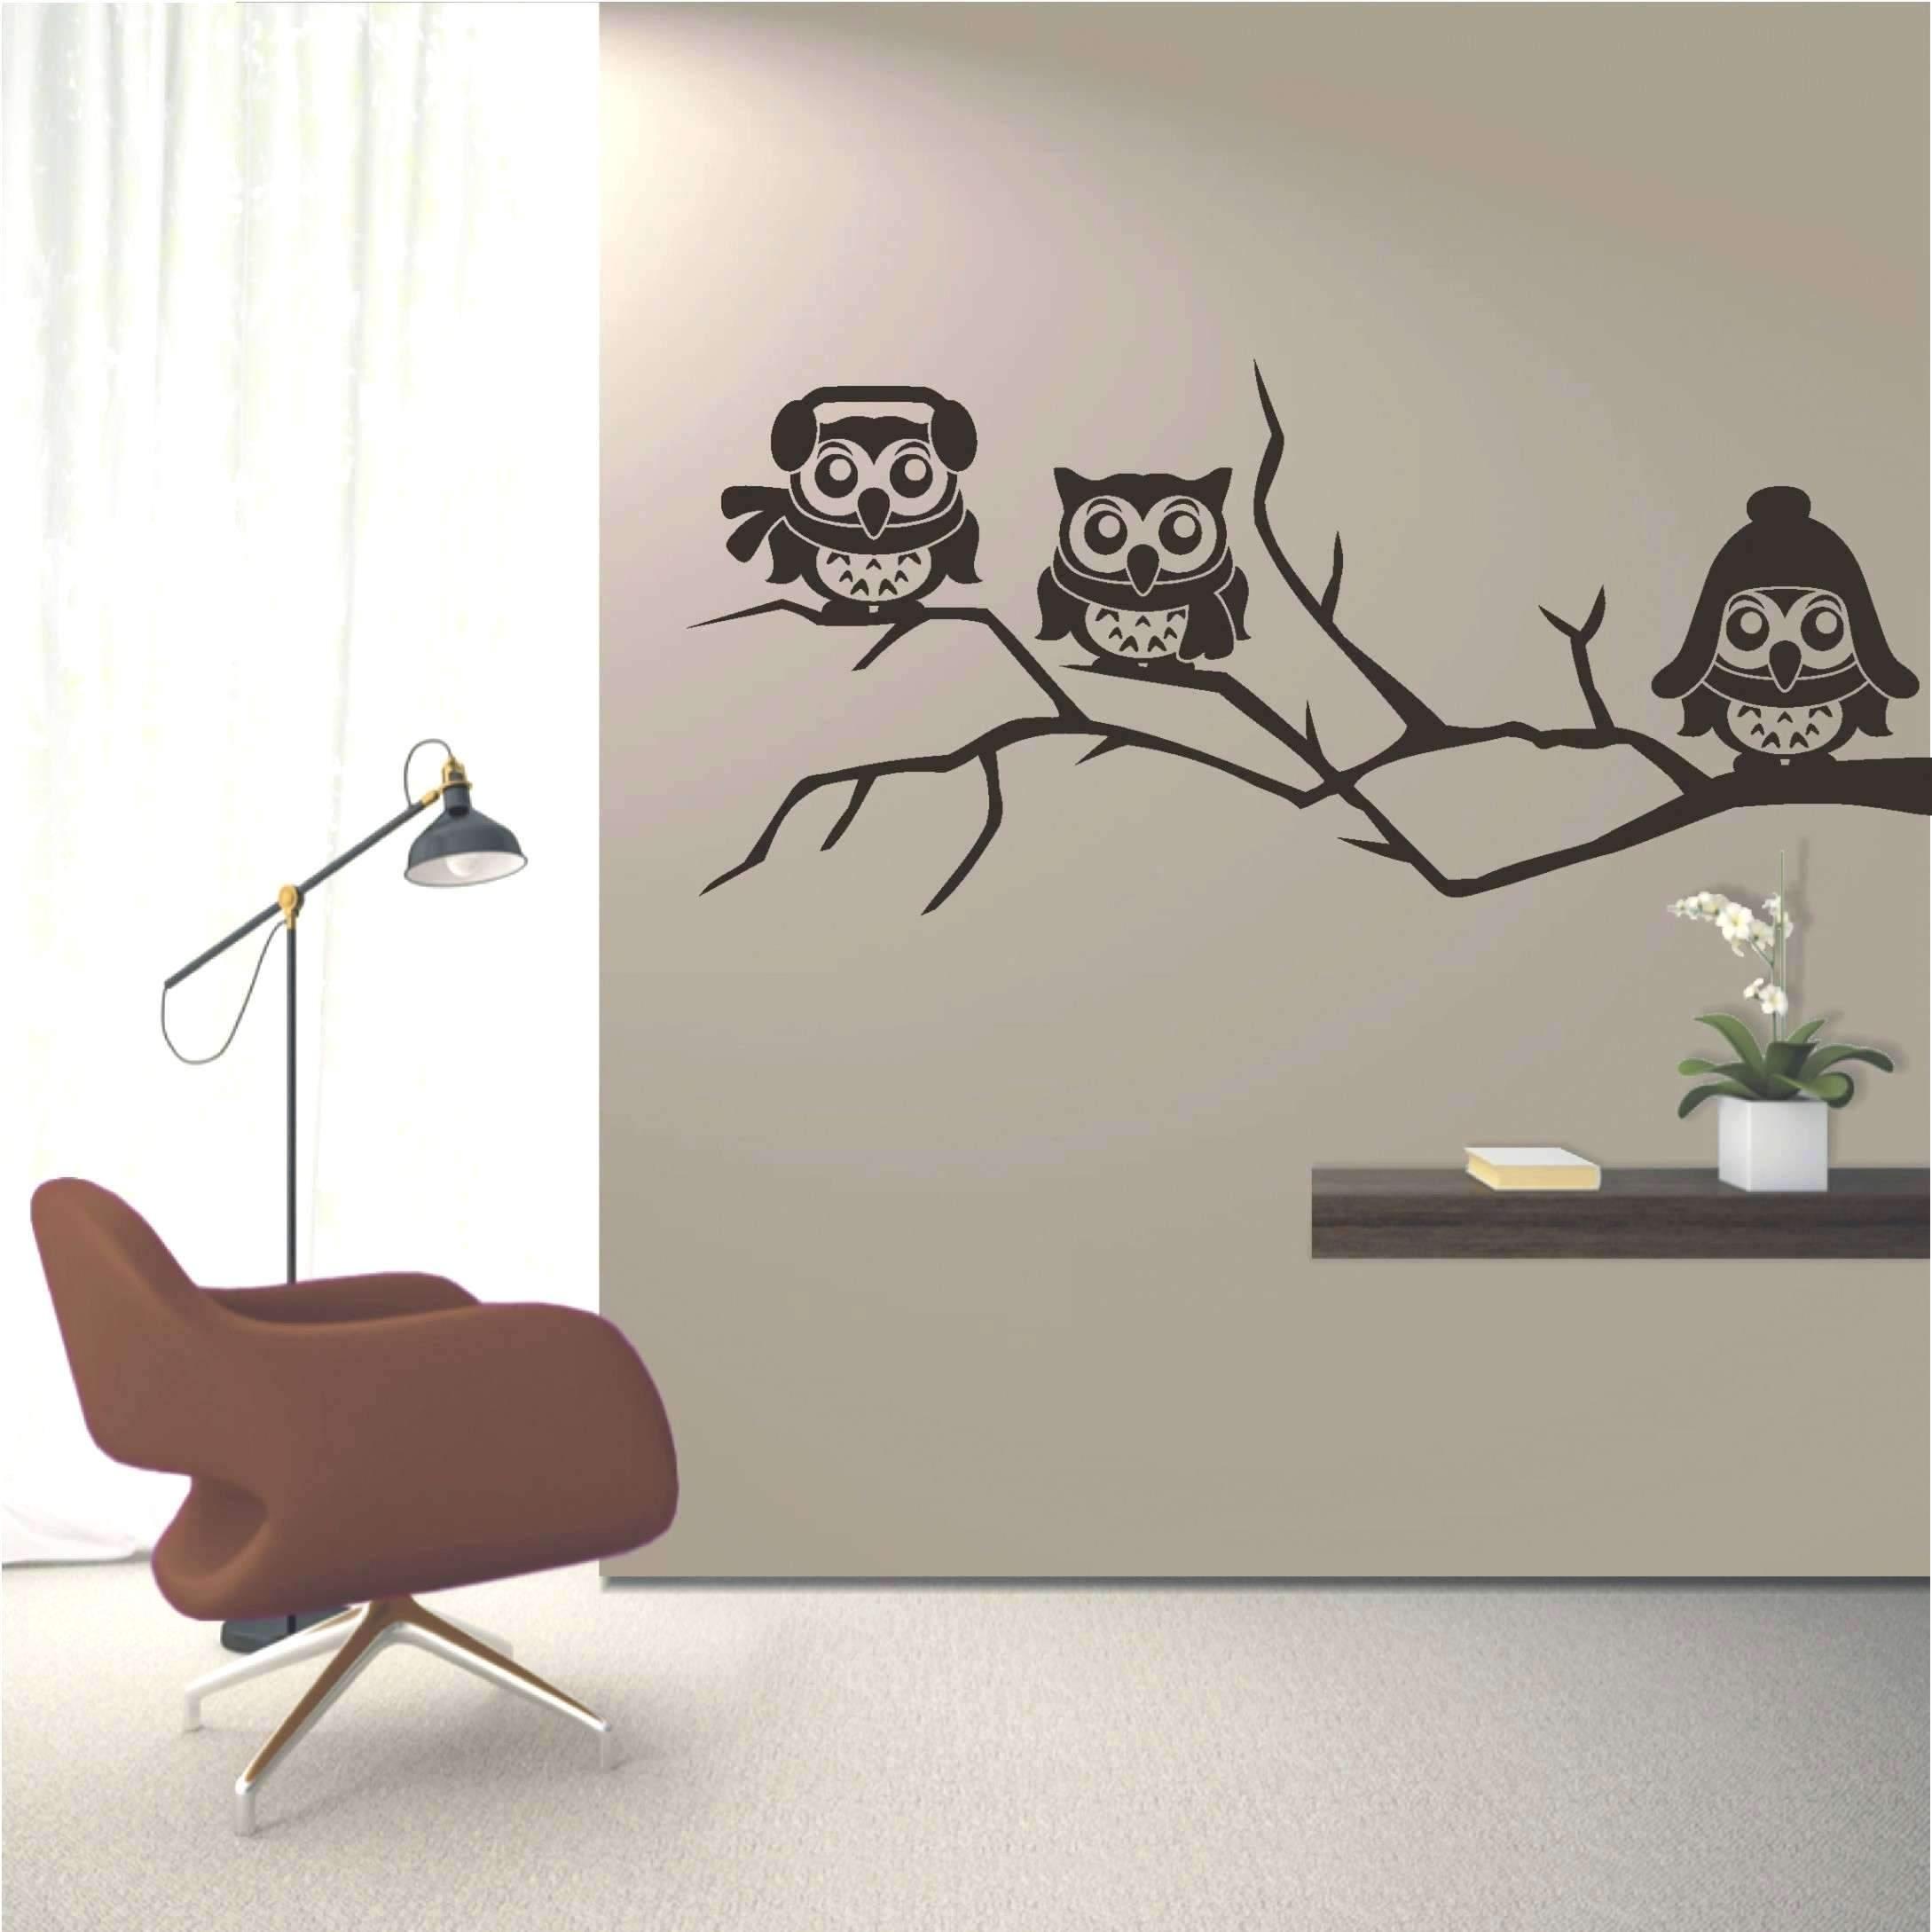 schweizer garten neu 25 luxus wanddeko wohnzimmer metall das beste von of schweizer garten